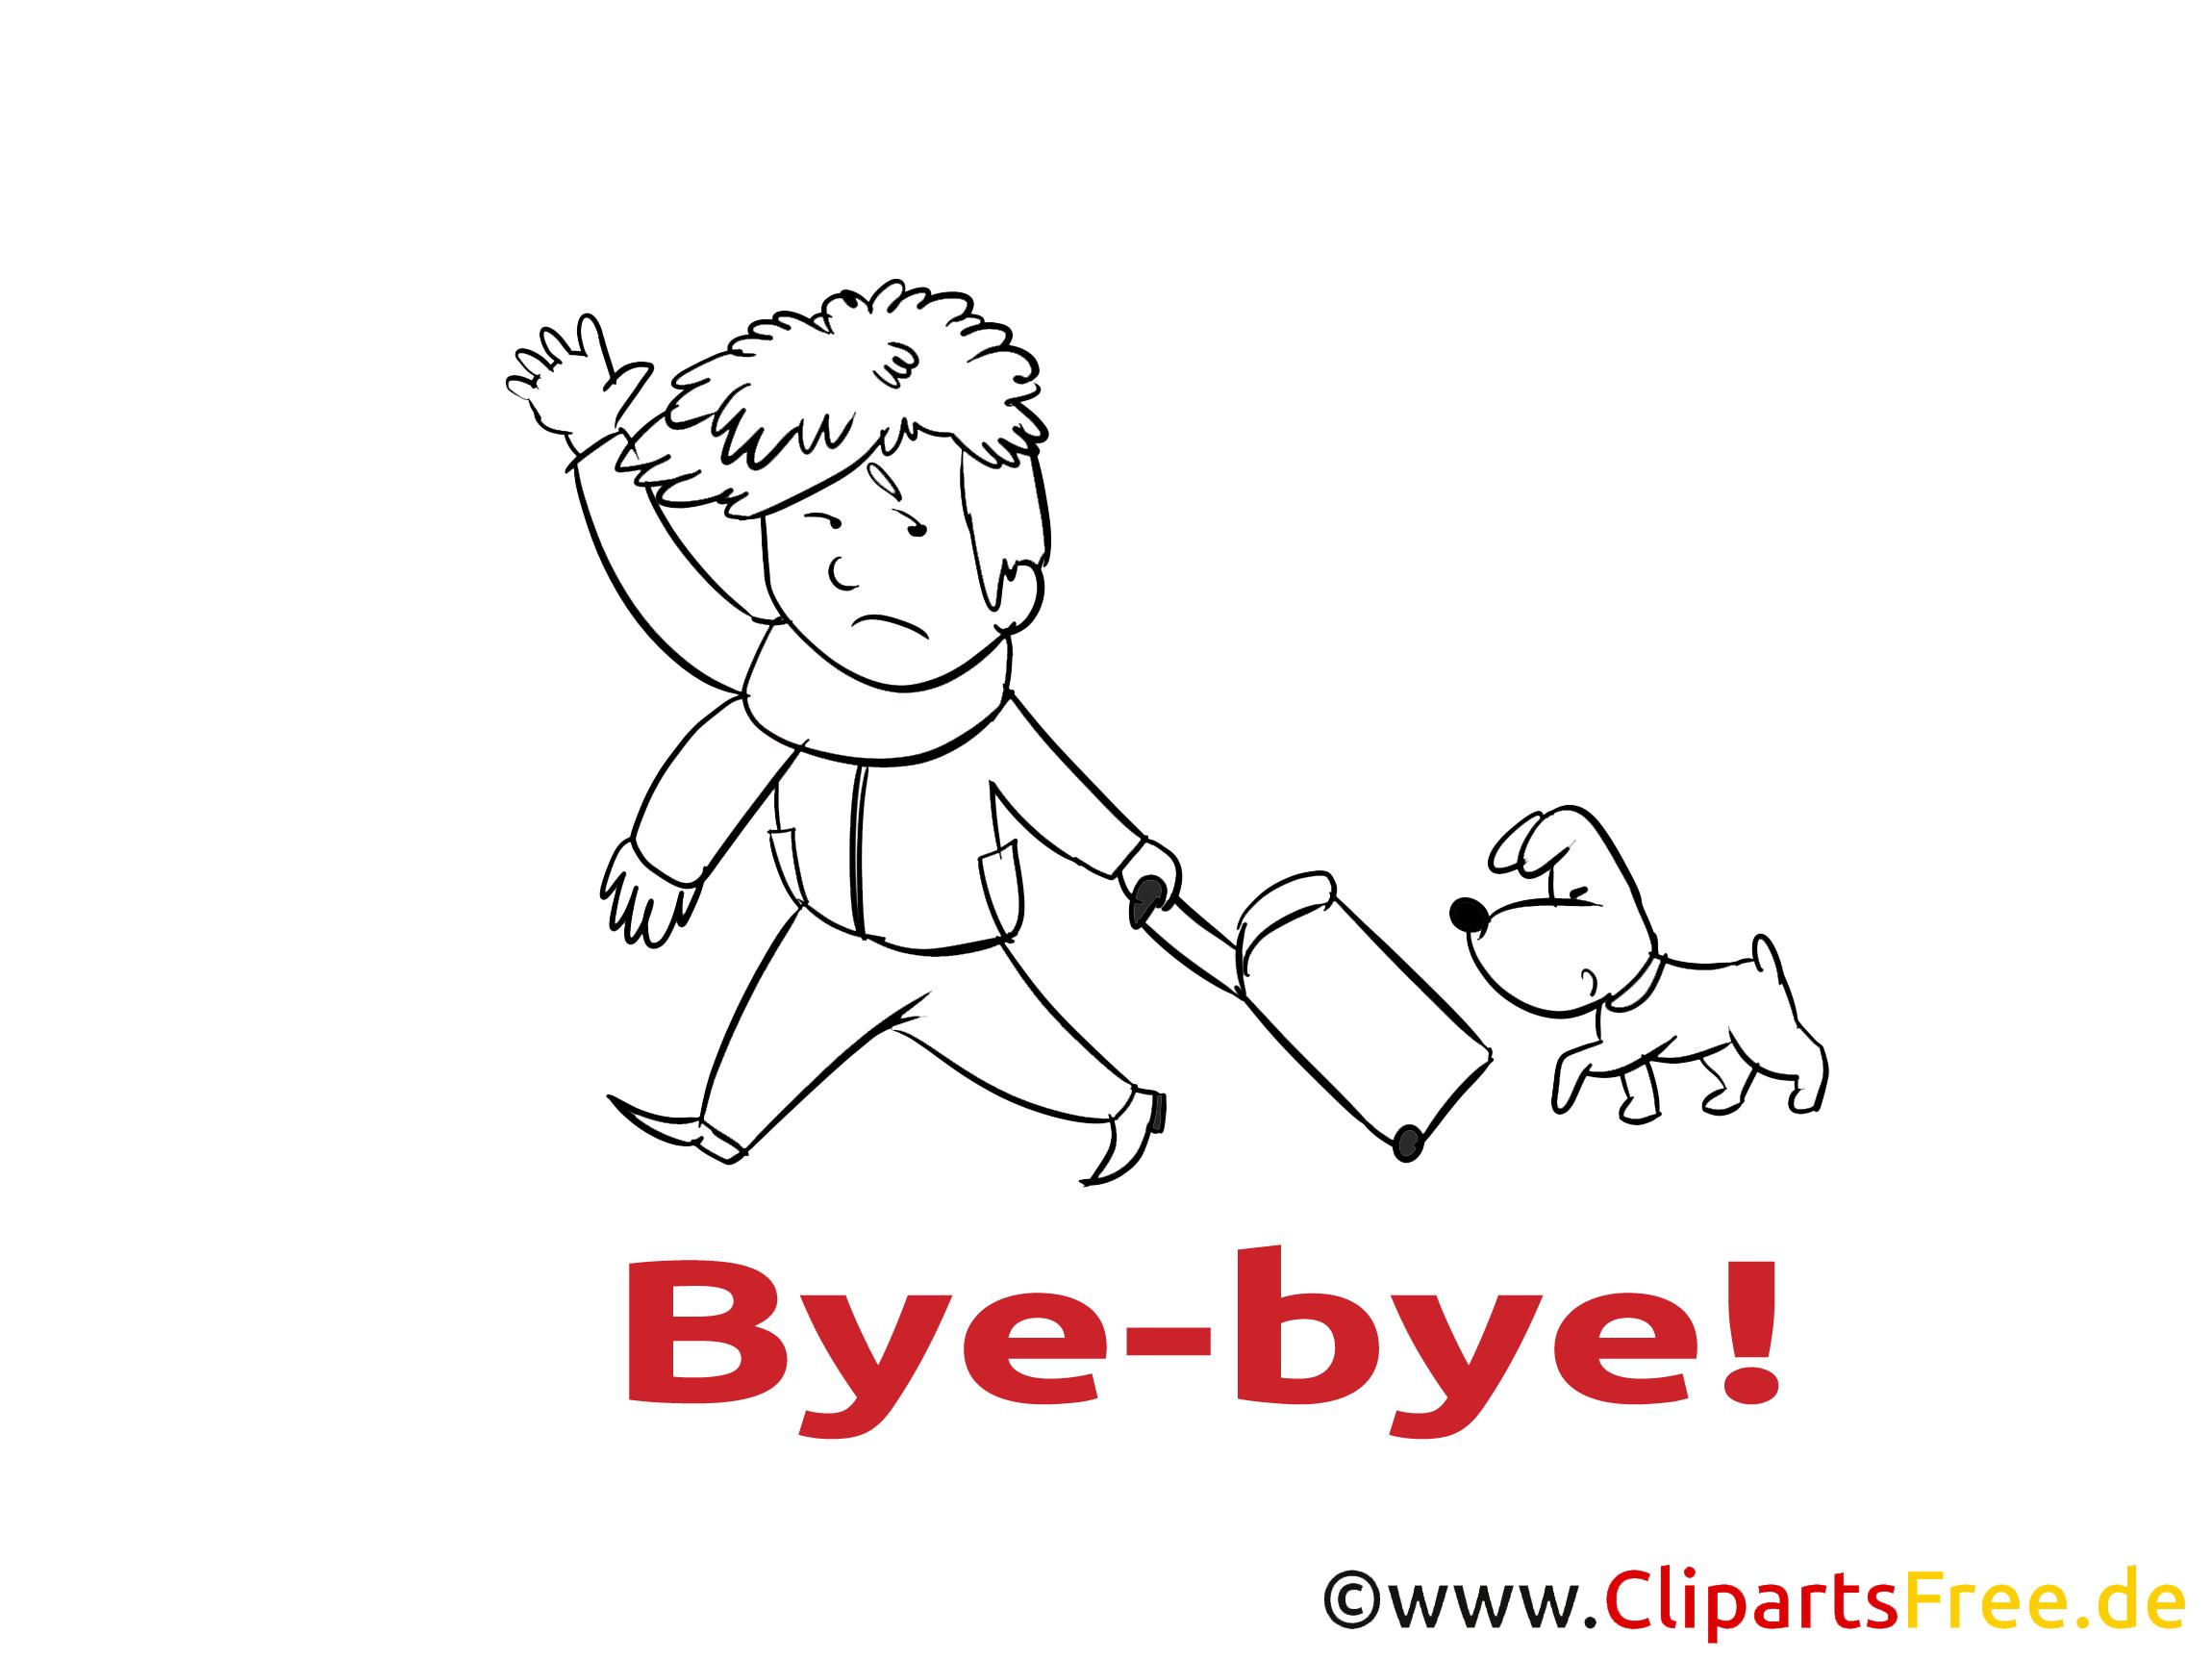 Homme chien coloriage image à télécharger - Adieu clipart